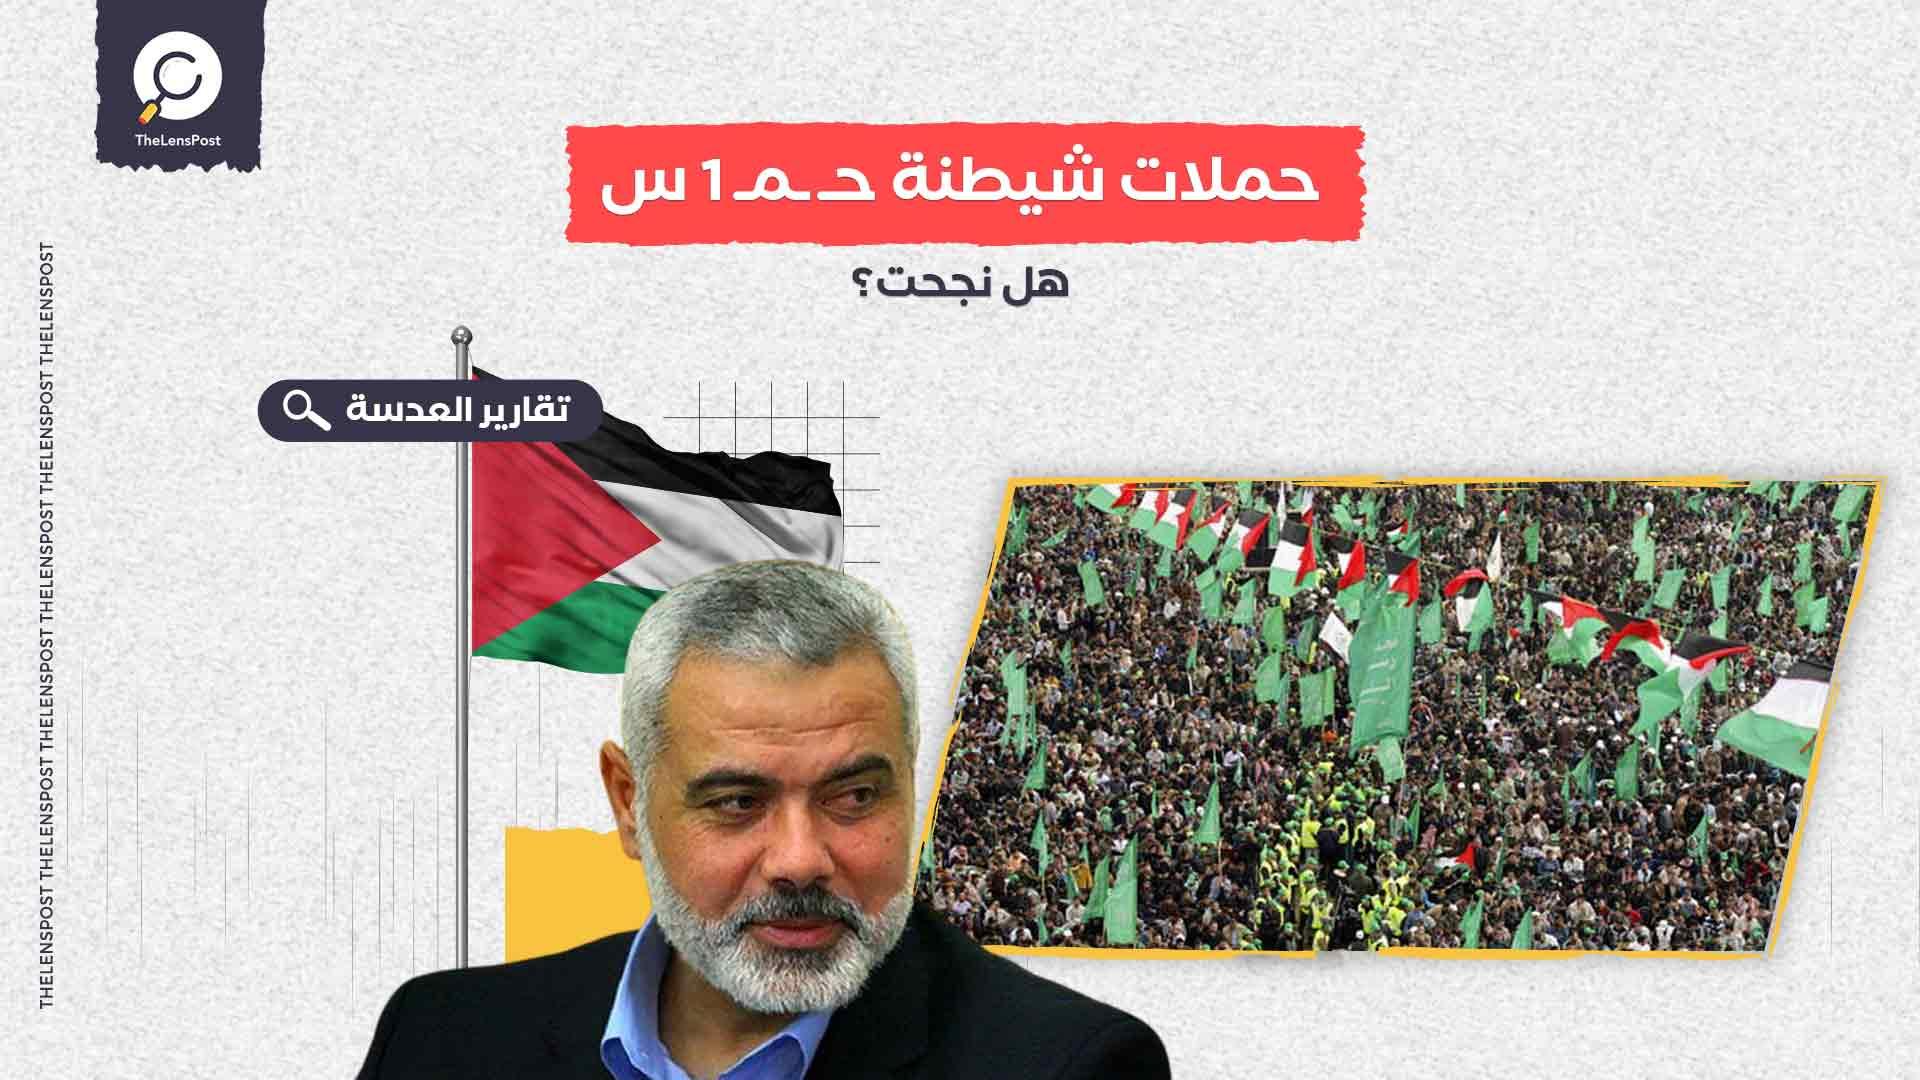 حملات شيطنة حماس.. هل نجحت؟